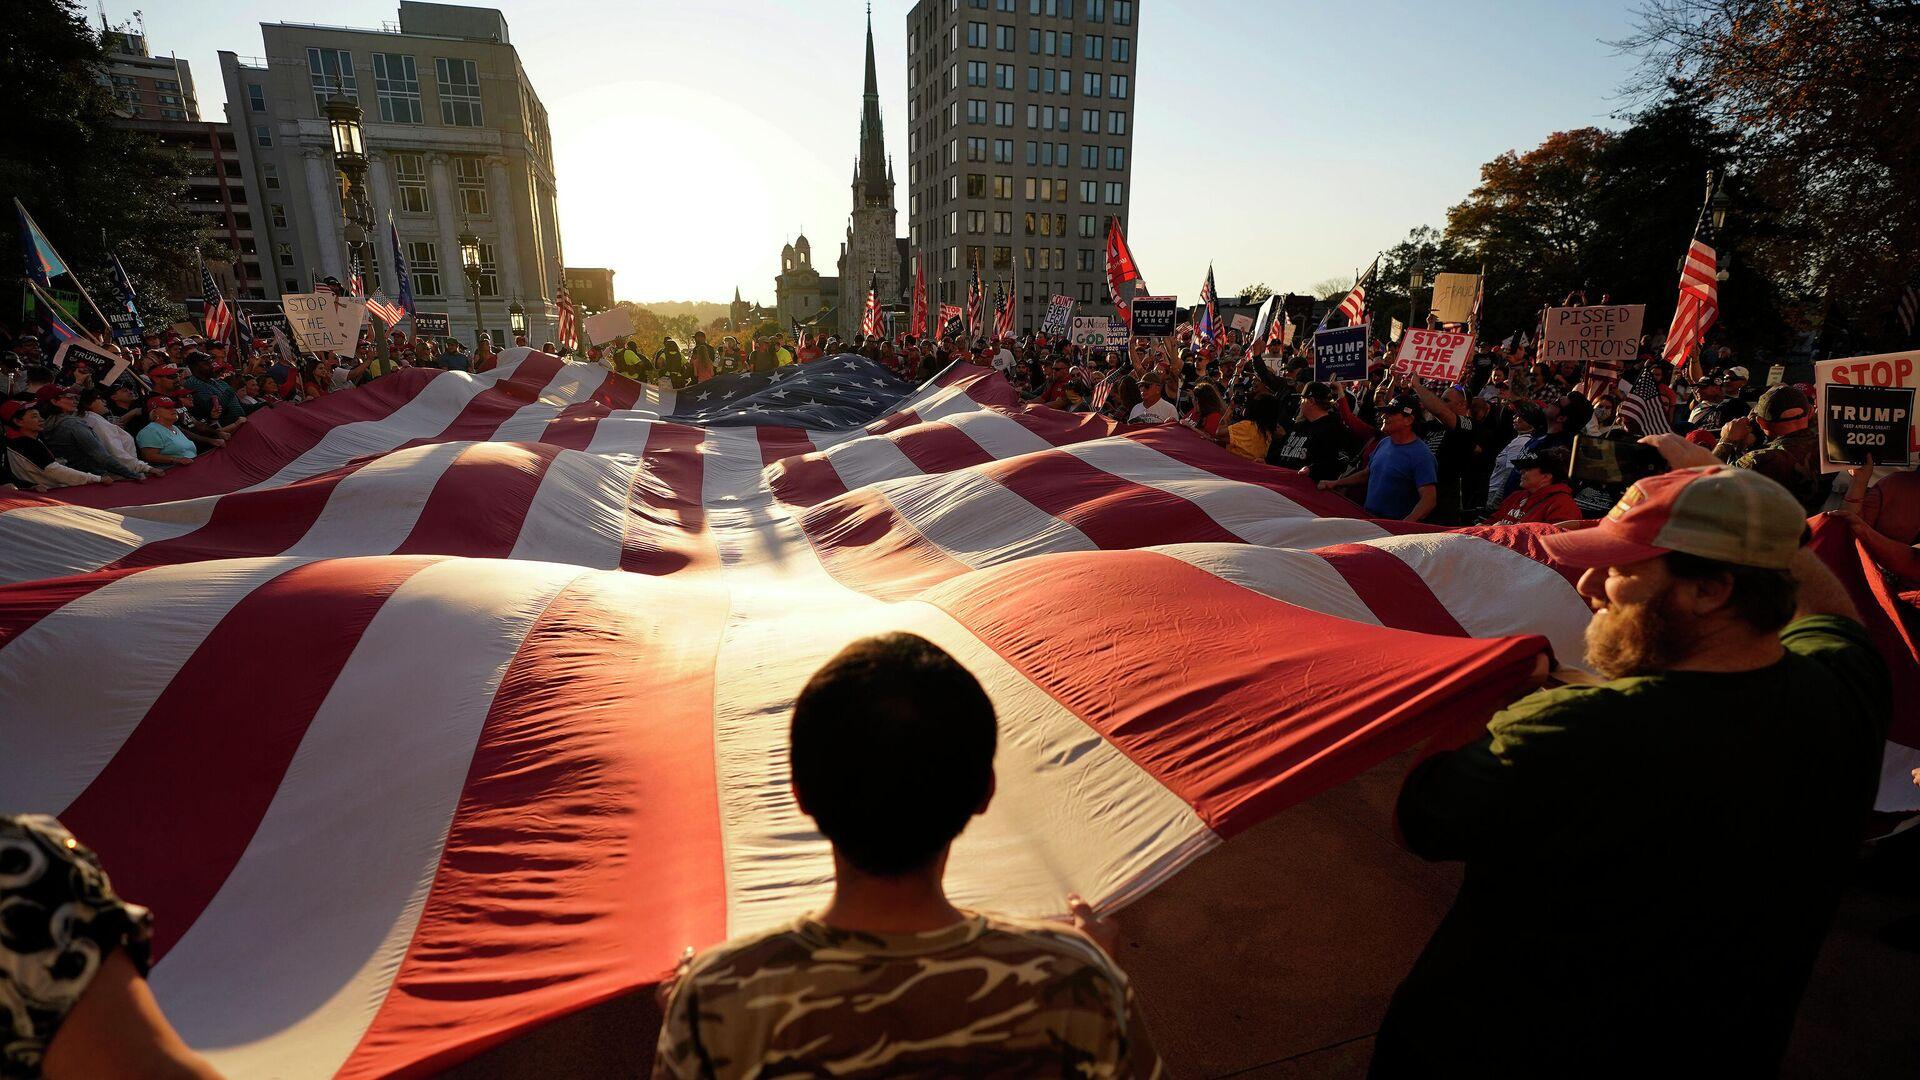 Митинг в поддержку действующего президента США Дональда Трампа в Гаррисберге, столице штата Пенсильвания - РИА Новости, 1920, 28.11.2020